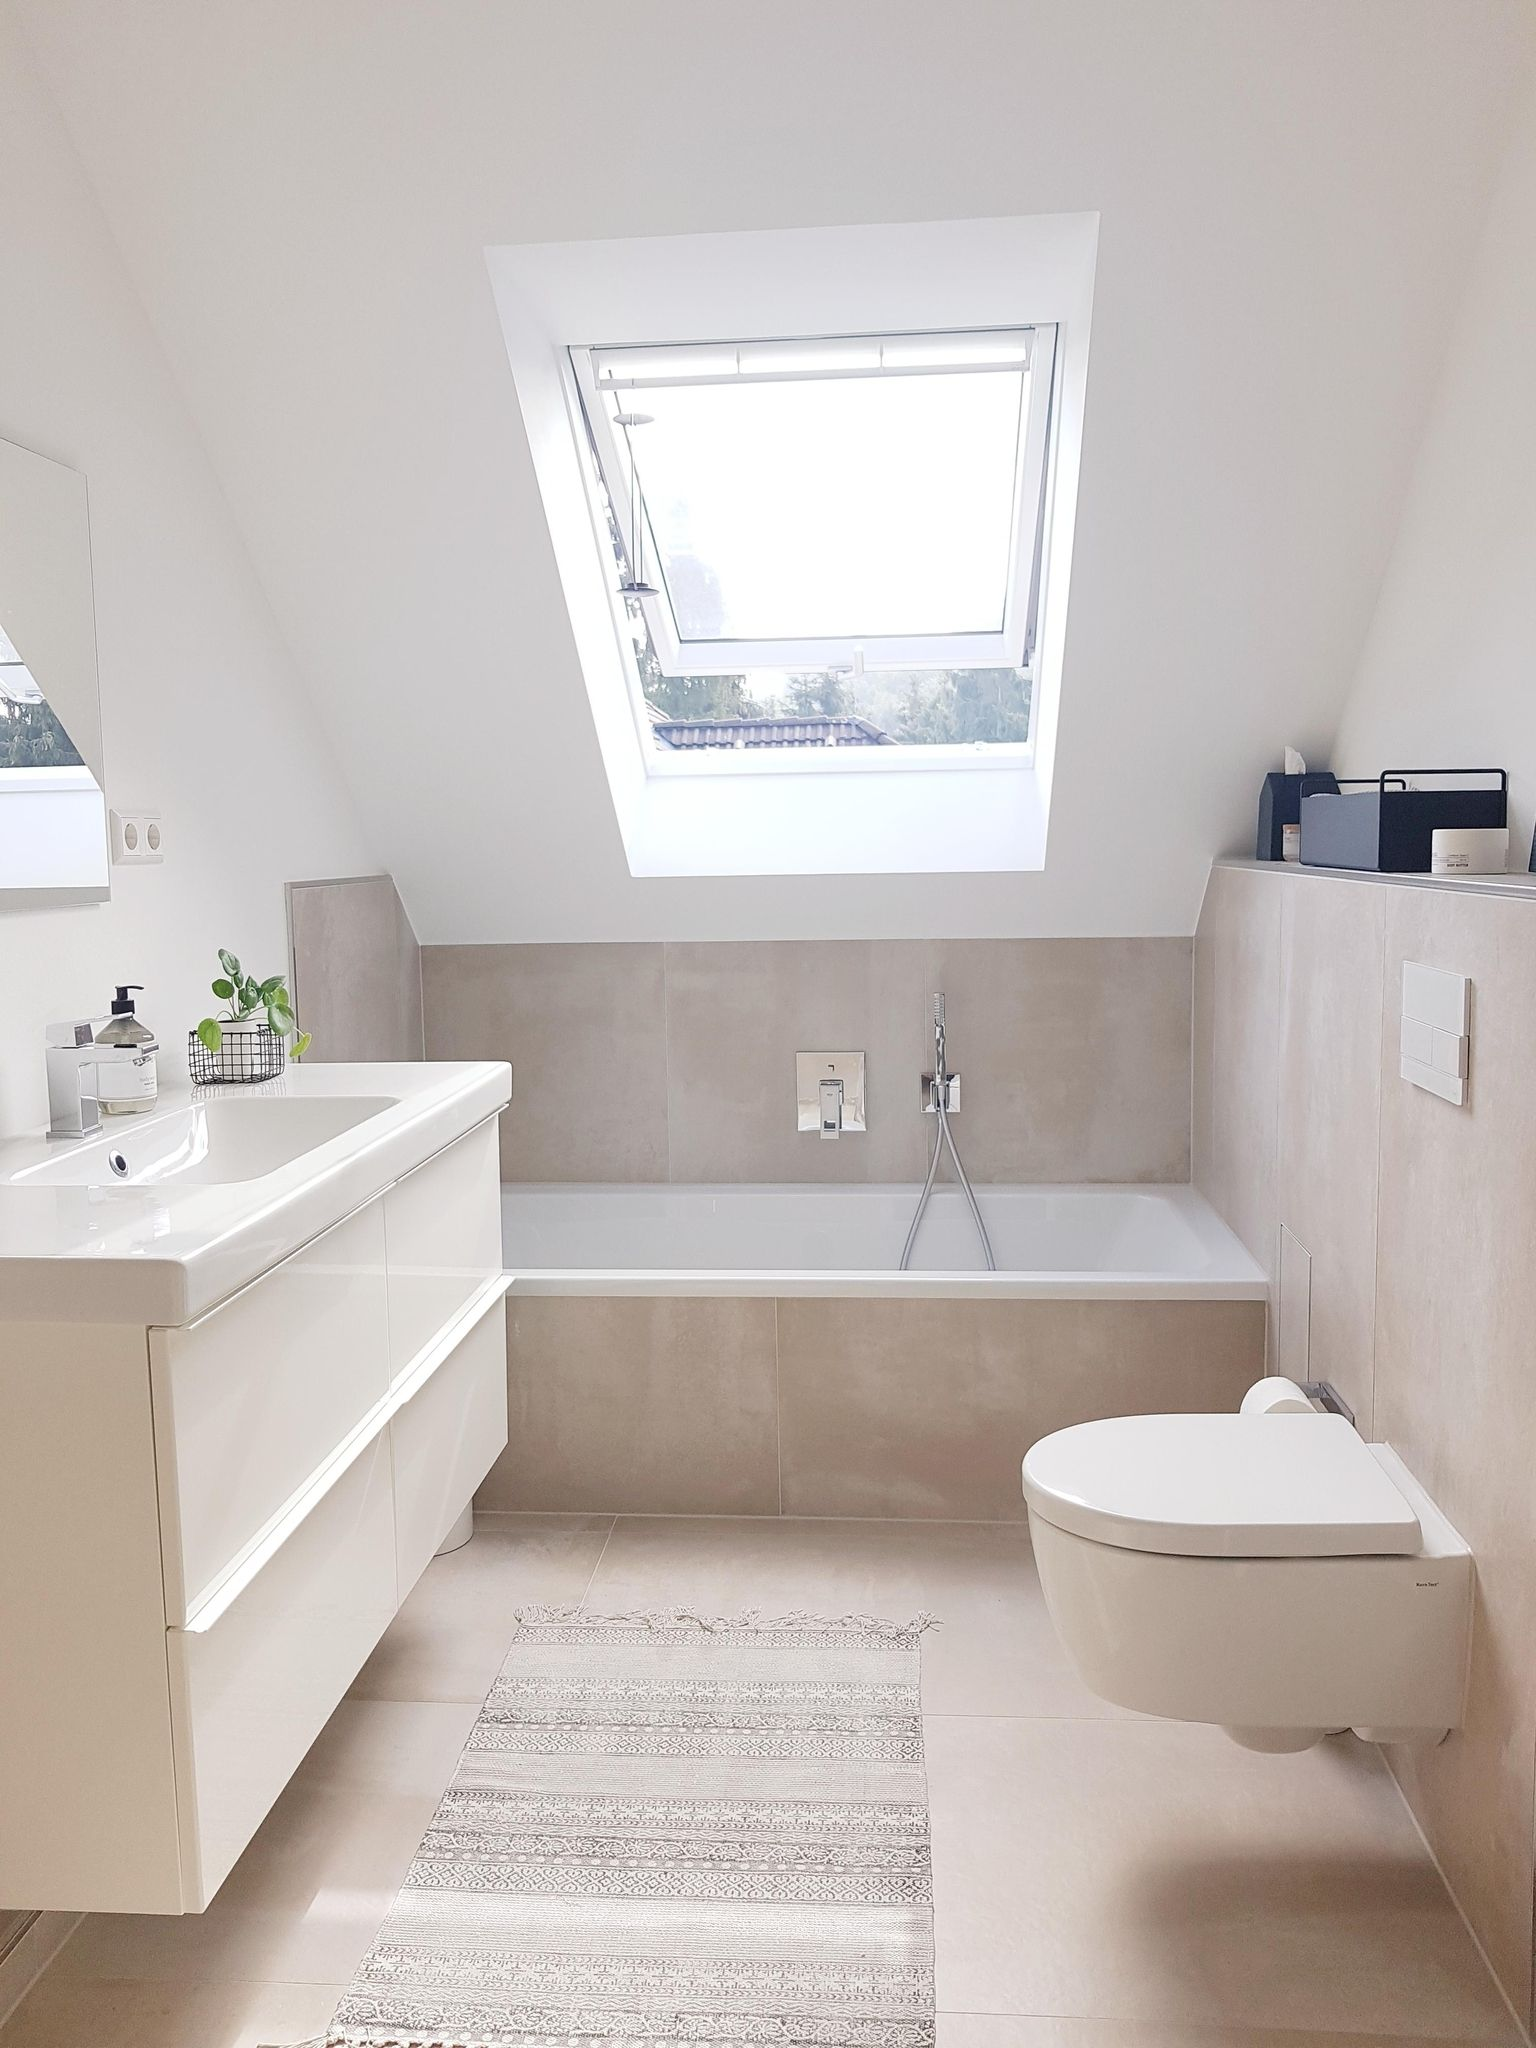 Badezimmer Einrichten Ideen Fur Jede Grosse Neues Badezimmer Badezimmer Badezimmerideen